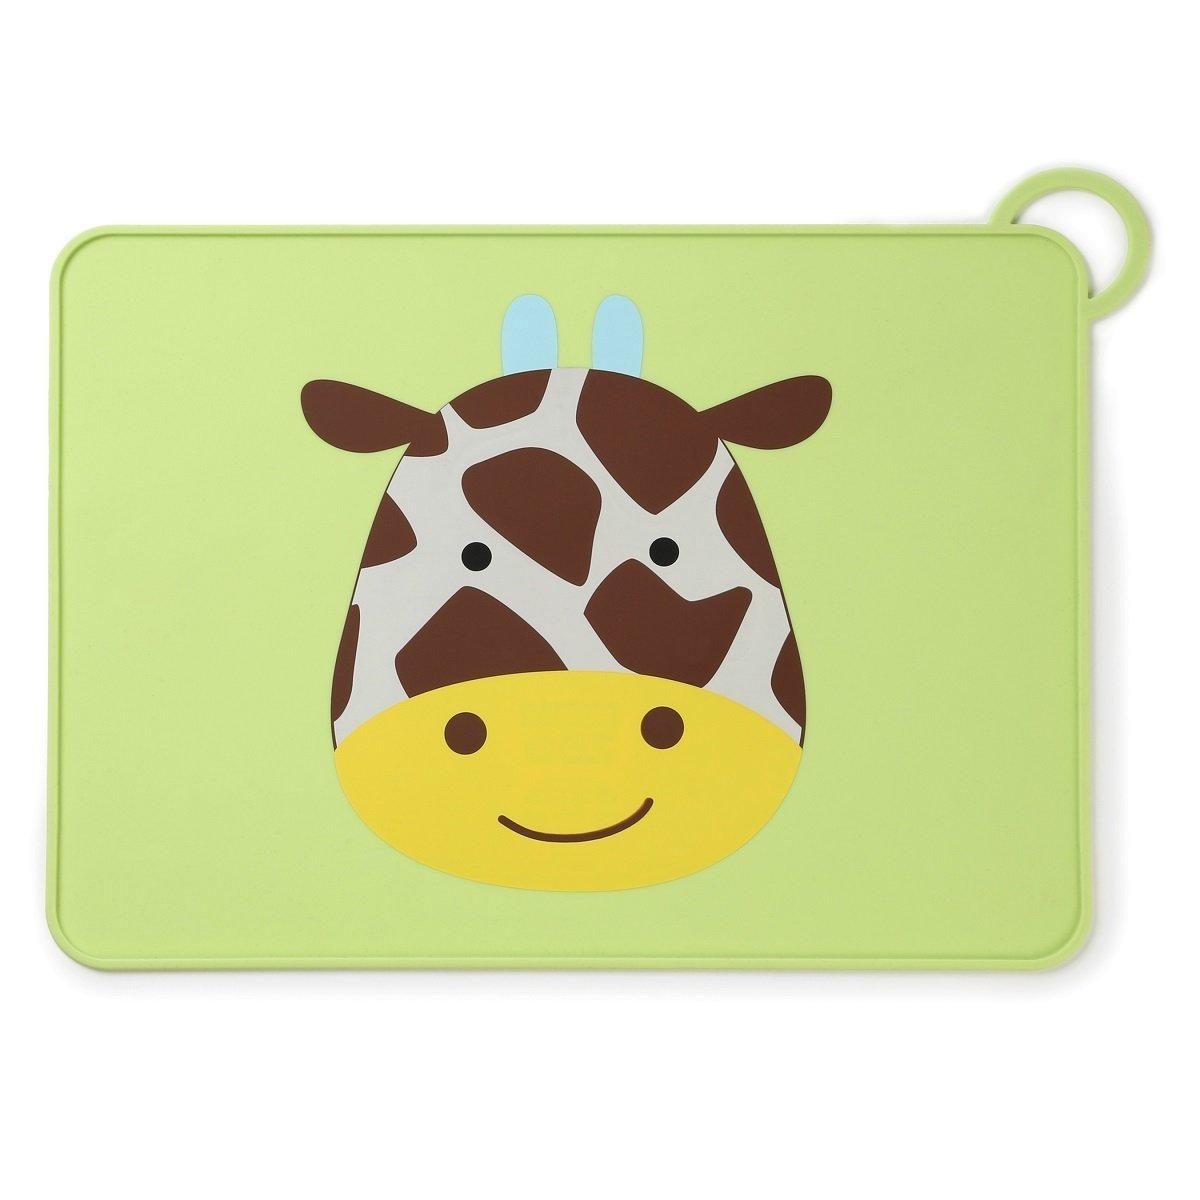 可愛動物園矽膠餐墊 - 長頸鹿